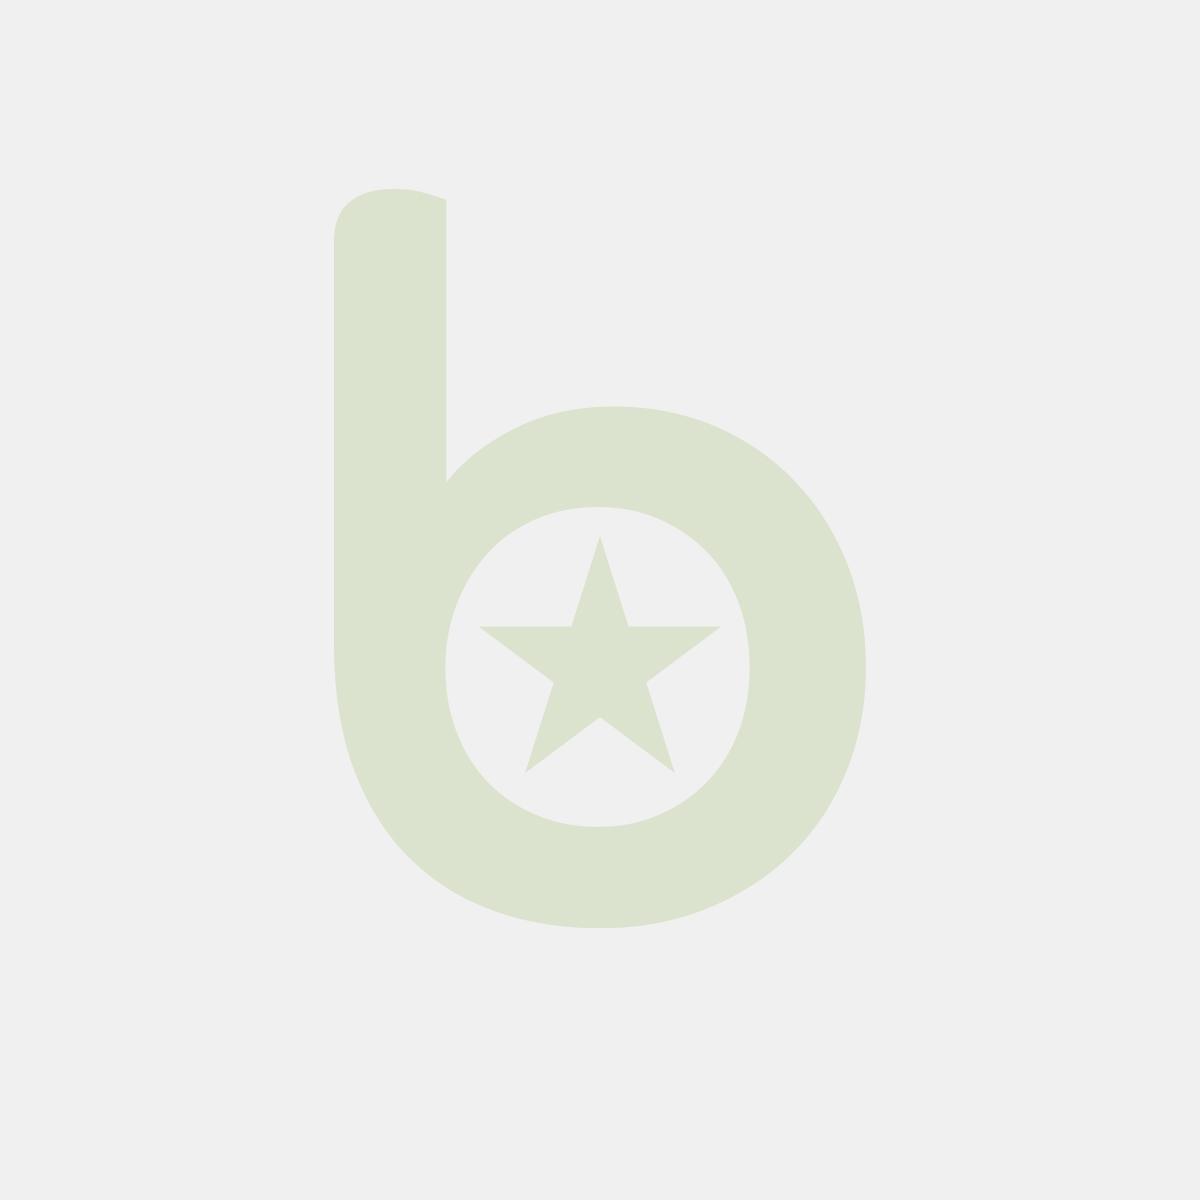 Świece podgrzewacze (teelights) Bispol Deko p10-100, 4-godzinne, 100 sztuk